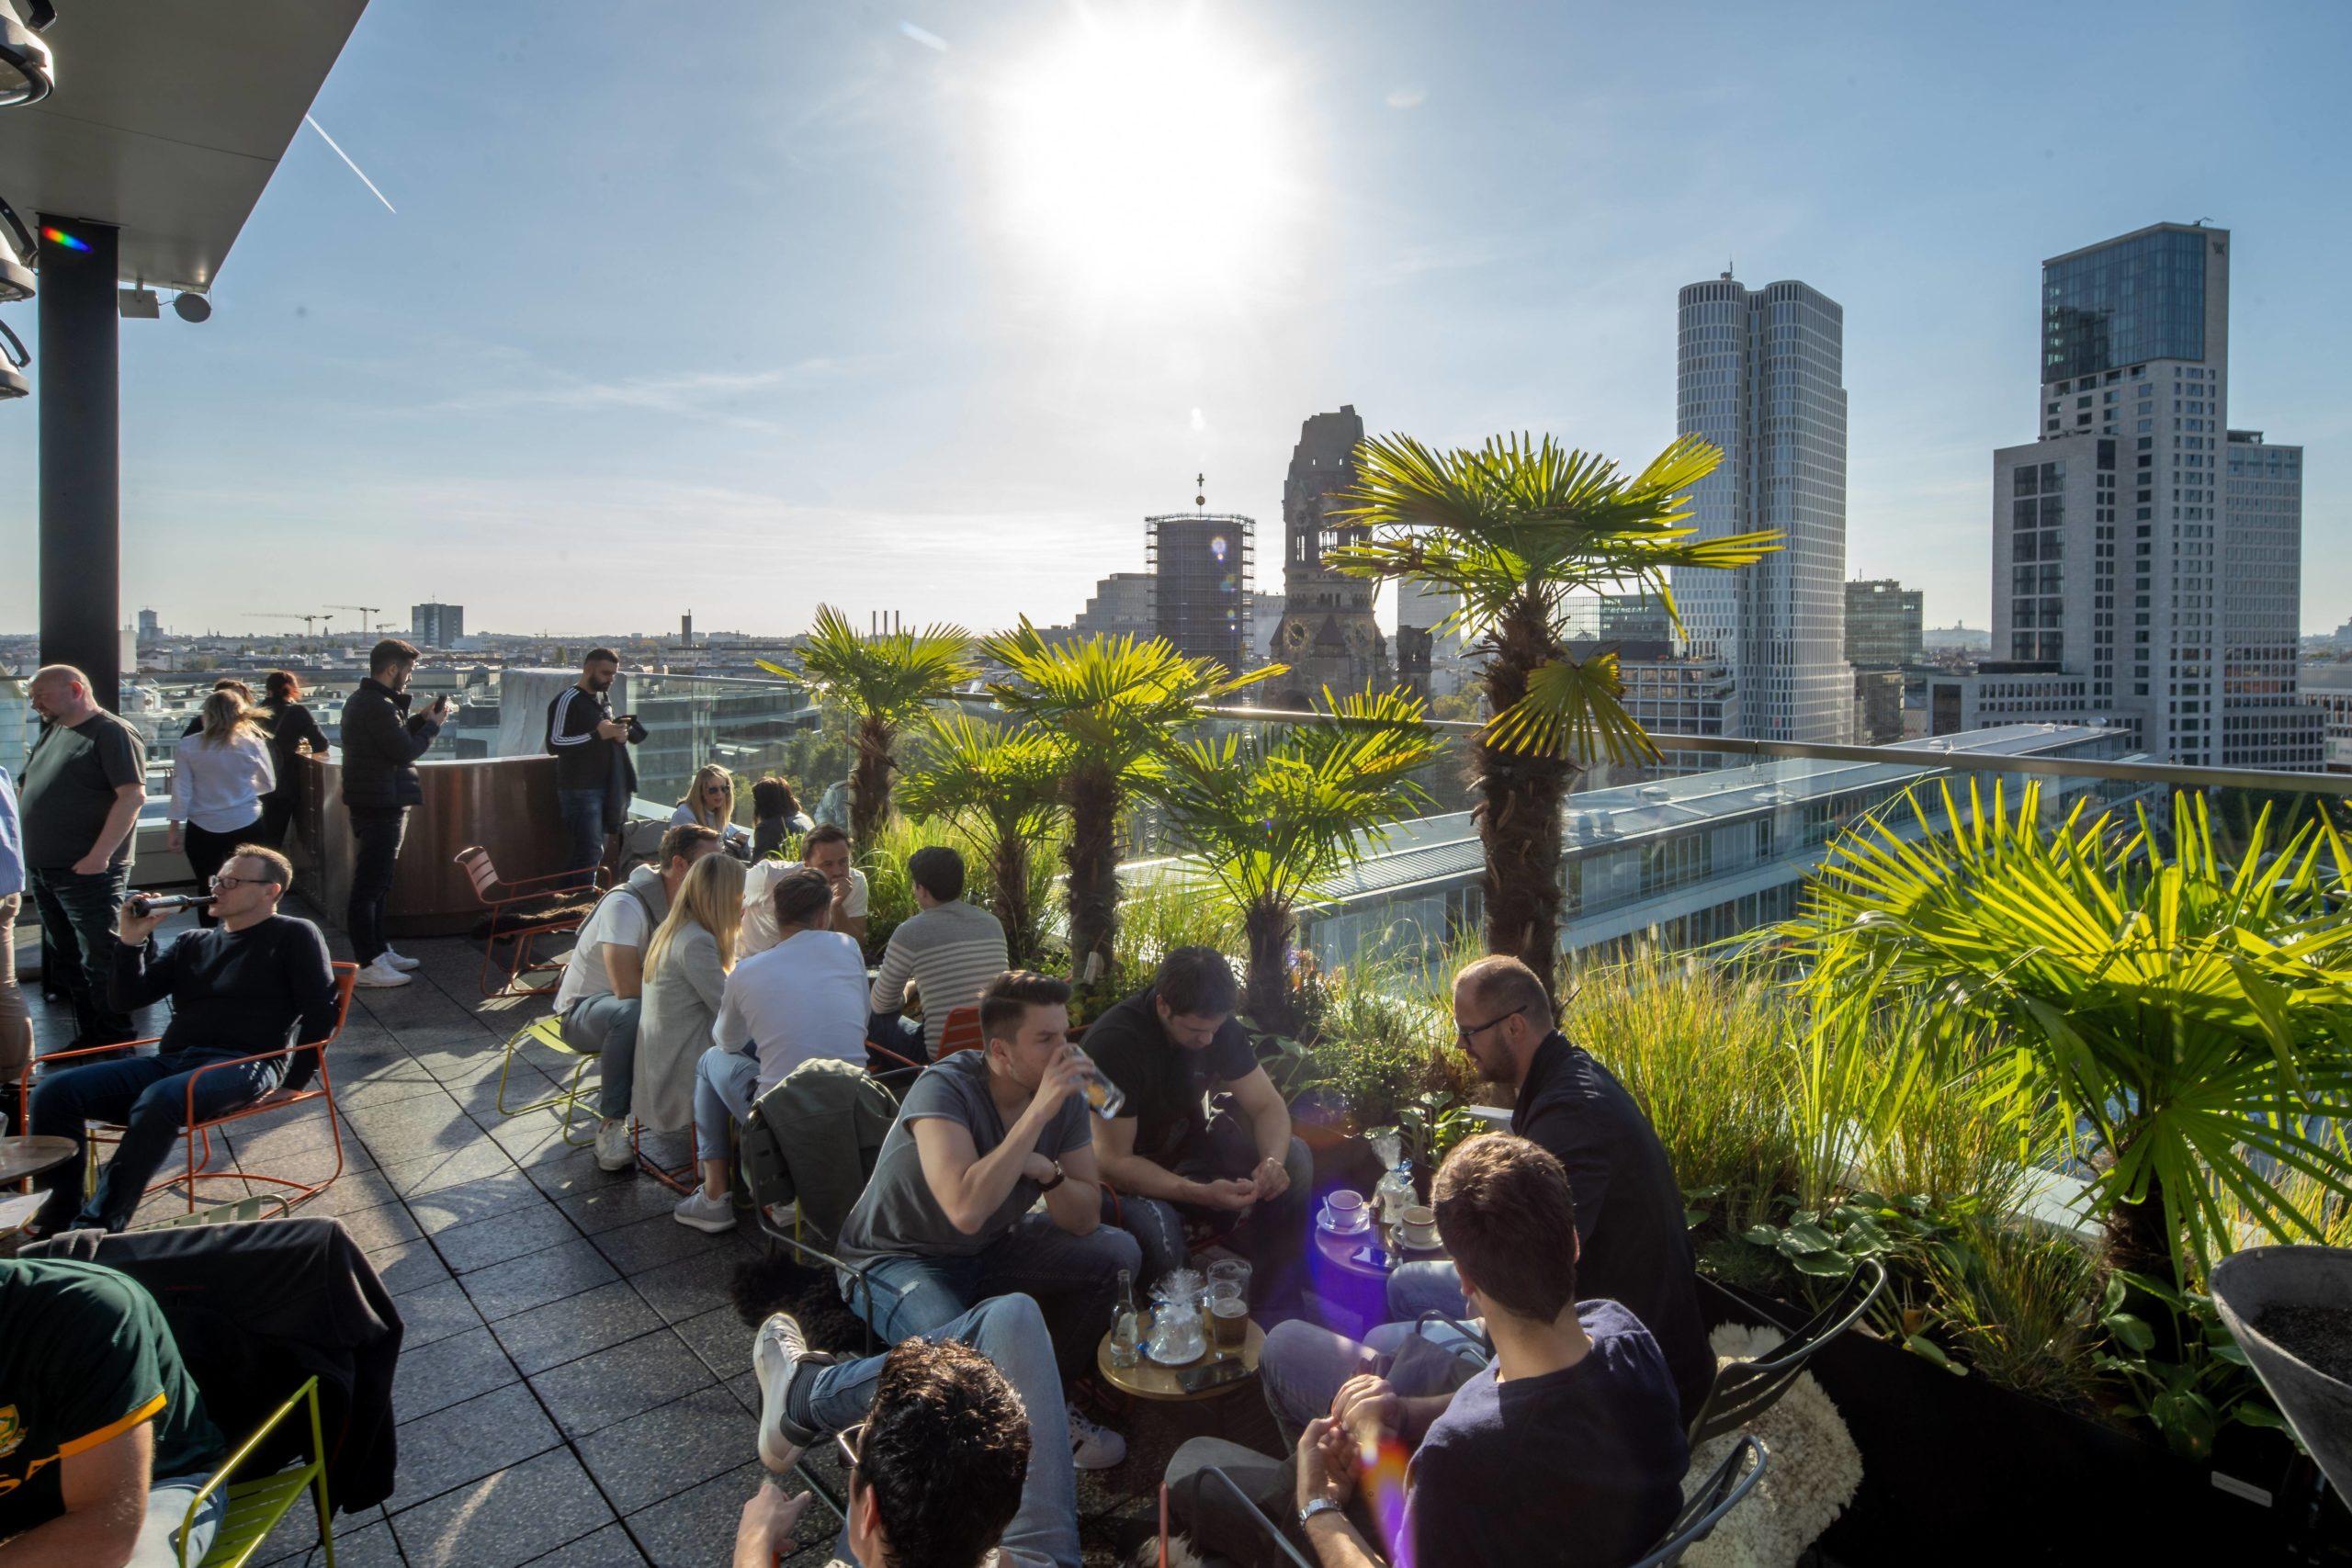 Auf dem Bikini Haus am Kudamm befindet sich eine der bekanntesten Rooftop-Bars der Stadt: Die Monkey Bar ist immer gut besucht. Bei diesem Ausblick verständlich.